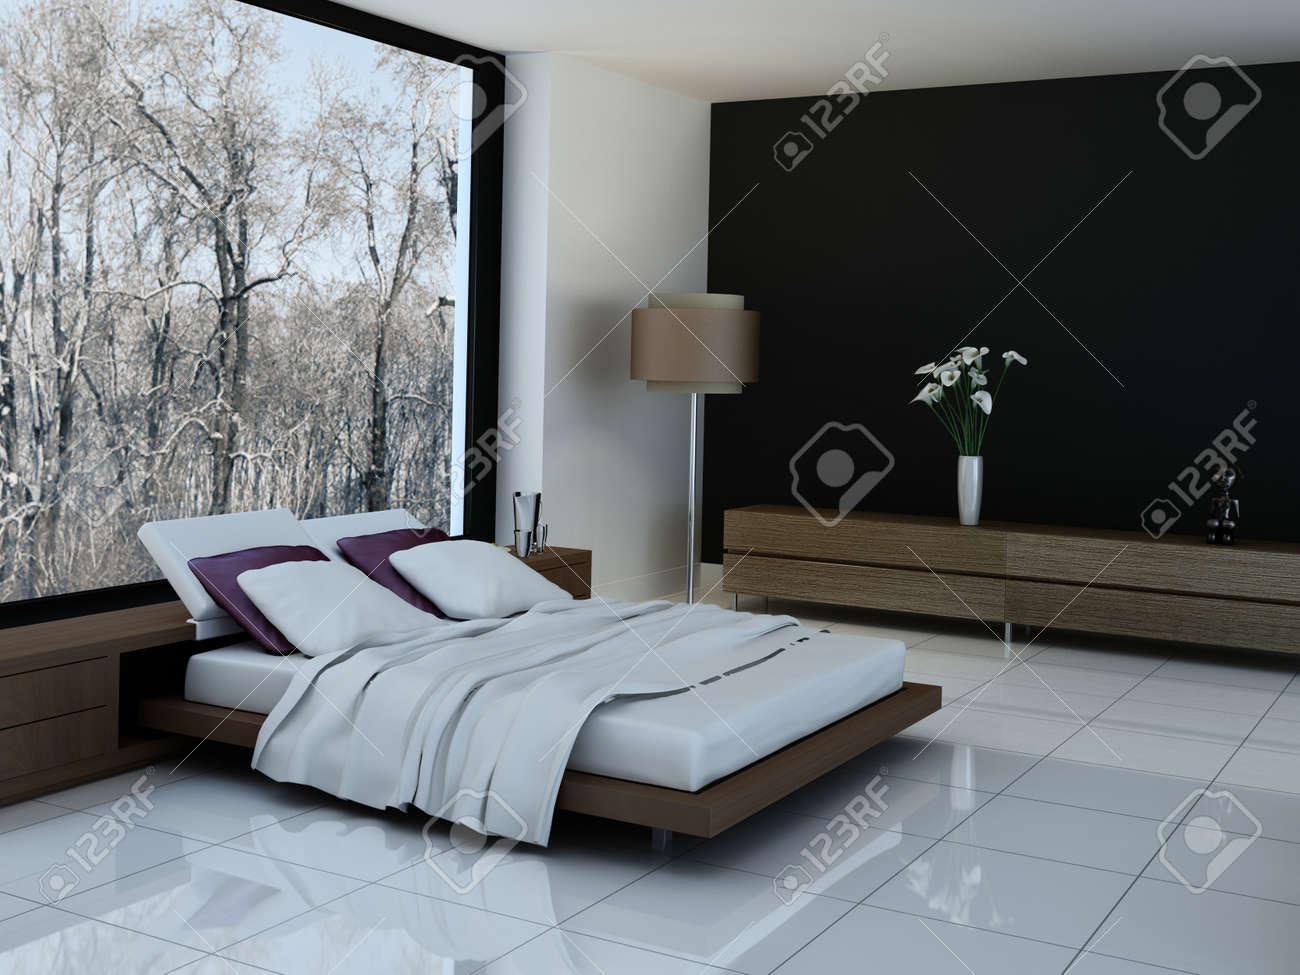 Intérieur de la chambre ultramoderne avec un lit double contre fenêtres  panoramiques